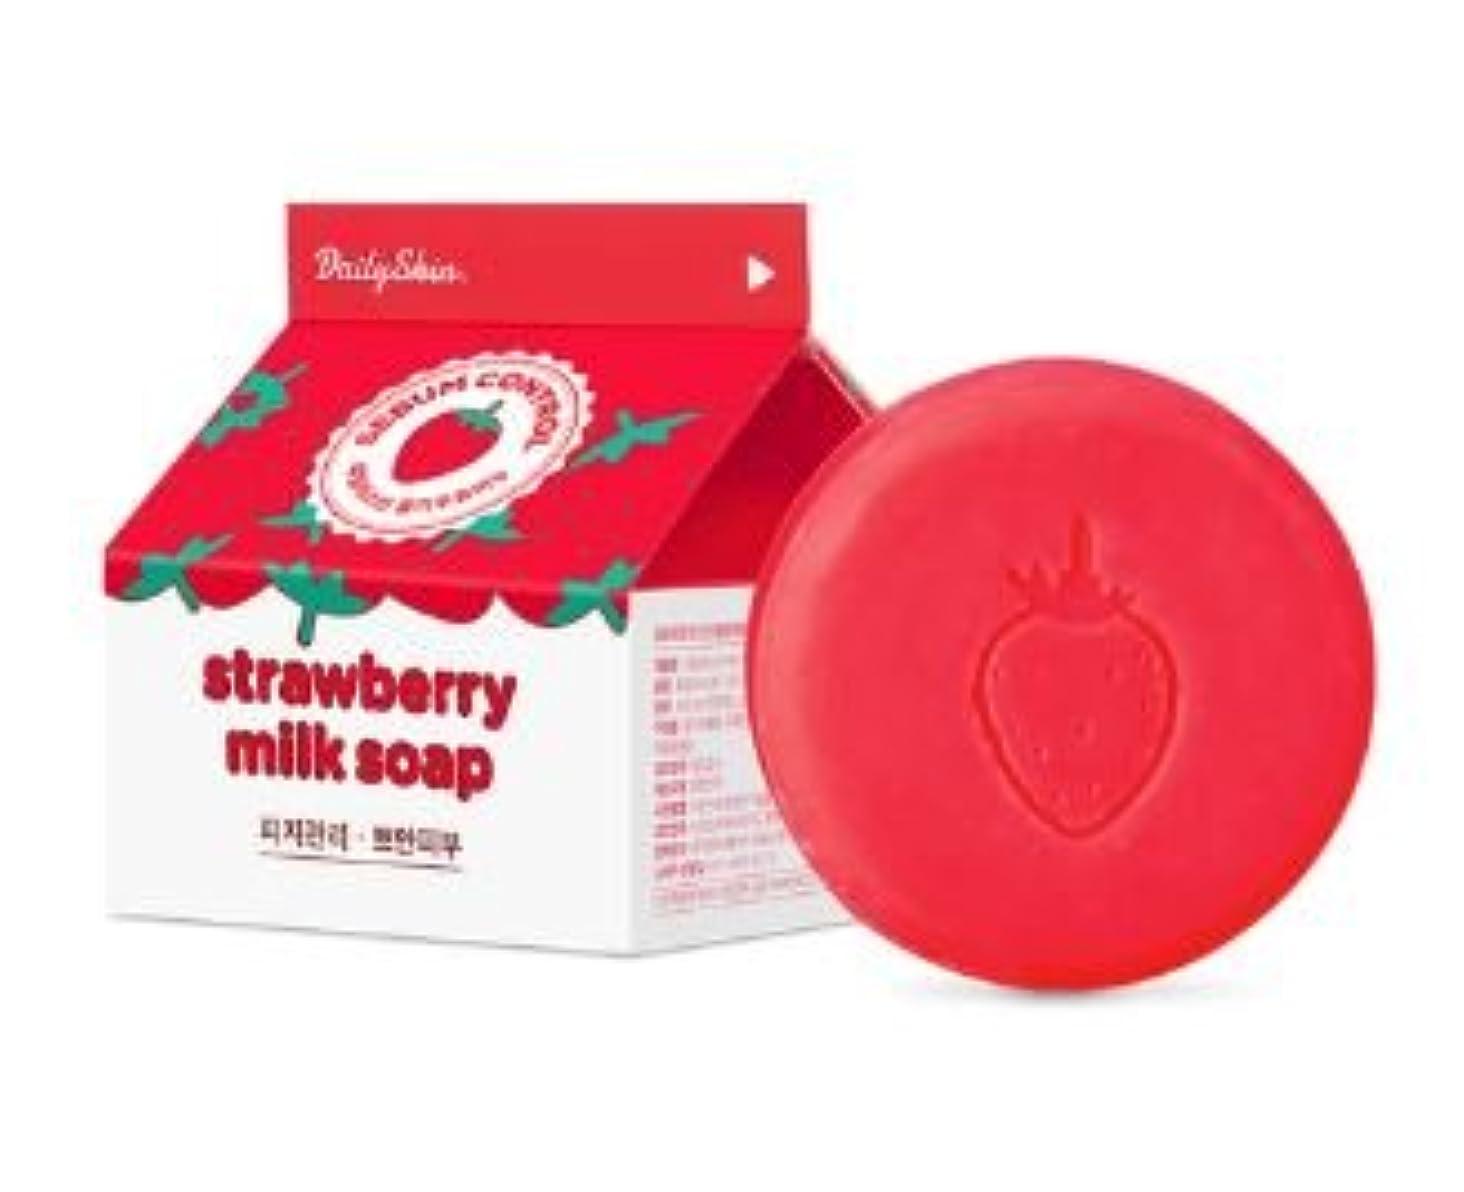 ひどく十分に菊[Renewal?] Daily Skin Strawberry Milk Soap 100g/デイリースキン ストロベリー ミルク ソープ 100g [並行輸入品]